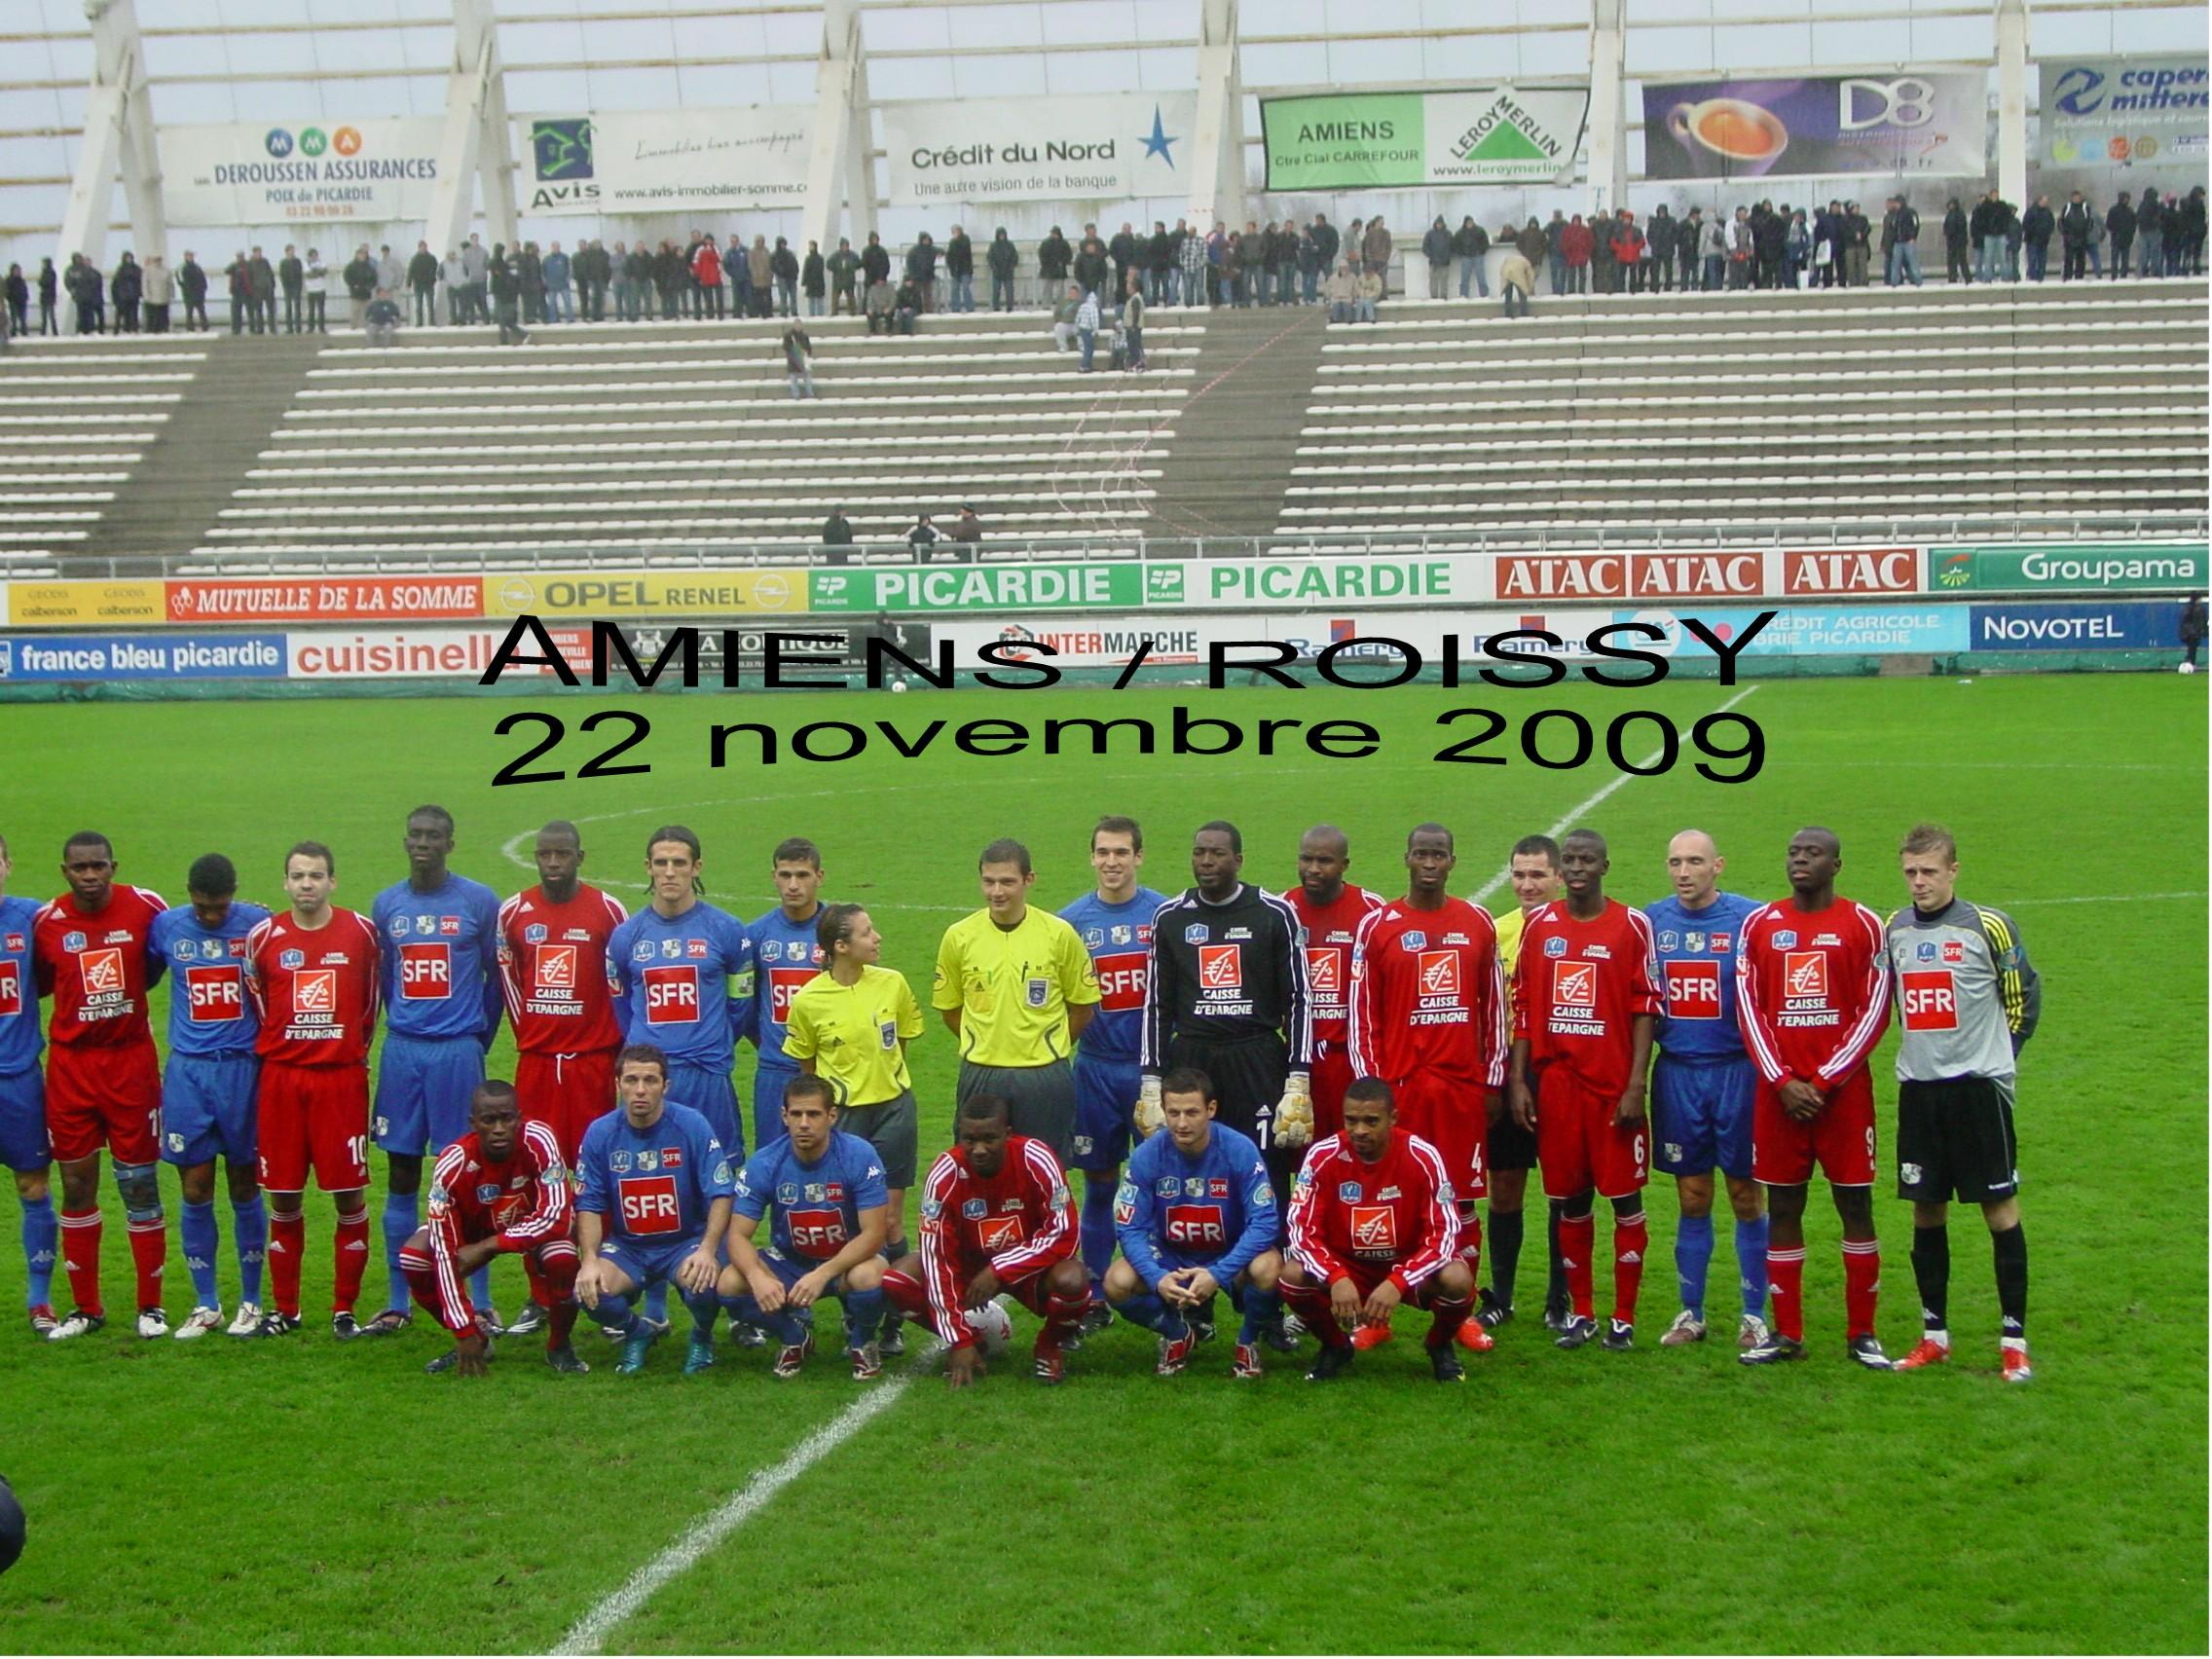 Album coupe de france 7 me tour amines roissy club football us roissy en brie football footeo - Resultat coupe de france 7eme tour ...